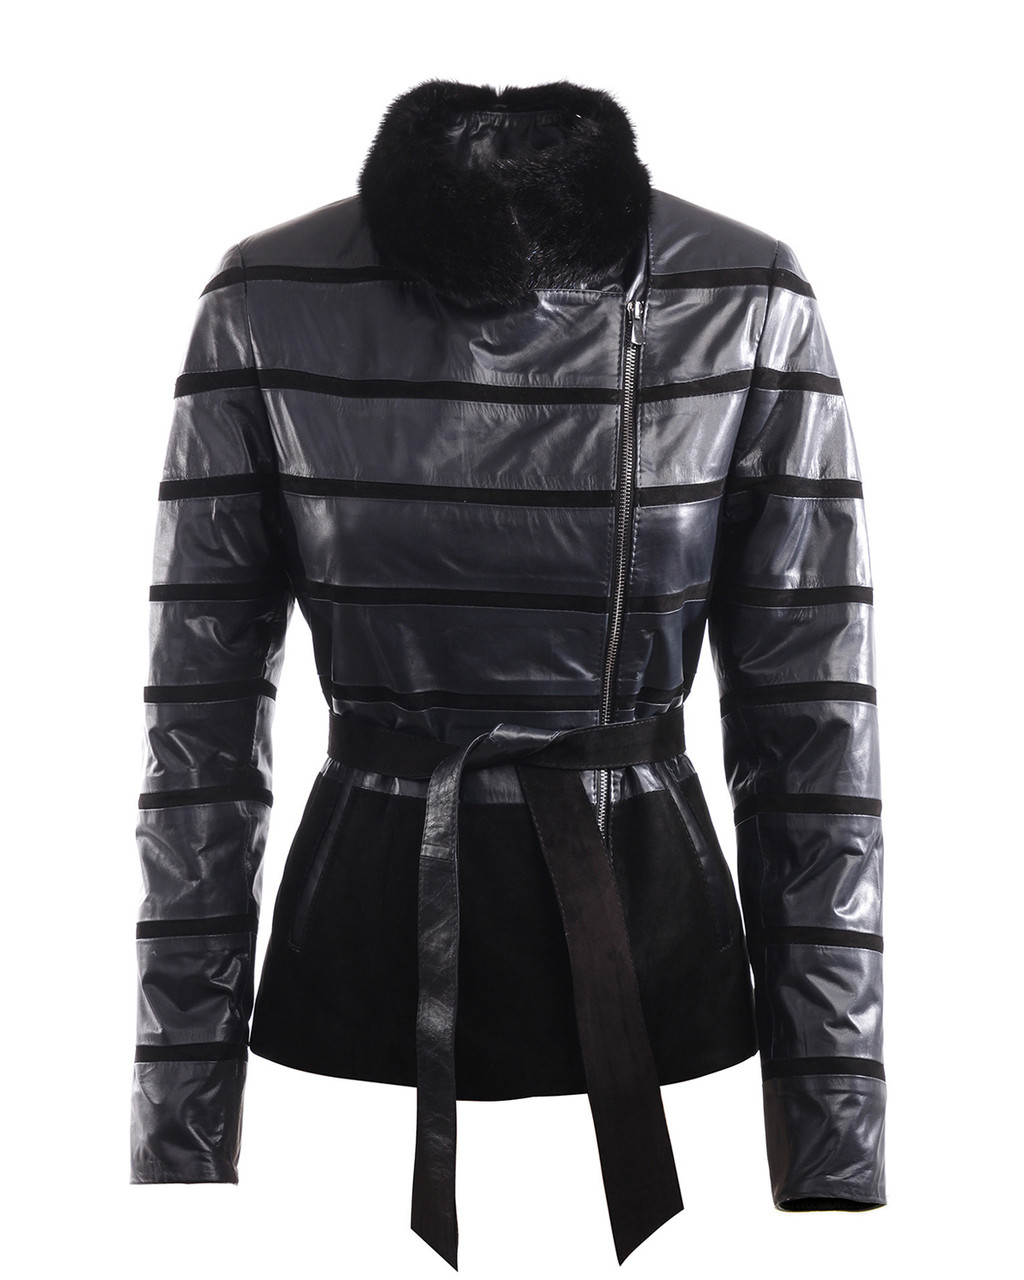 Комбинированная кожаная куртка черная женская (Арт. LAN202)